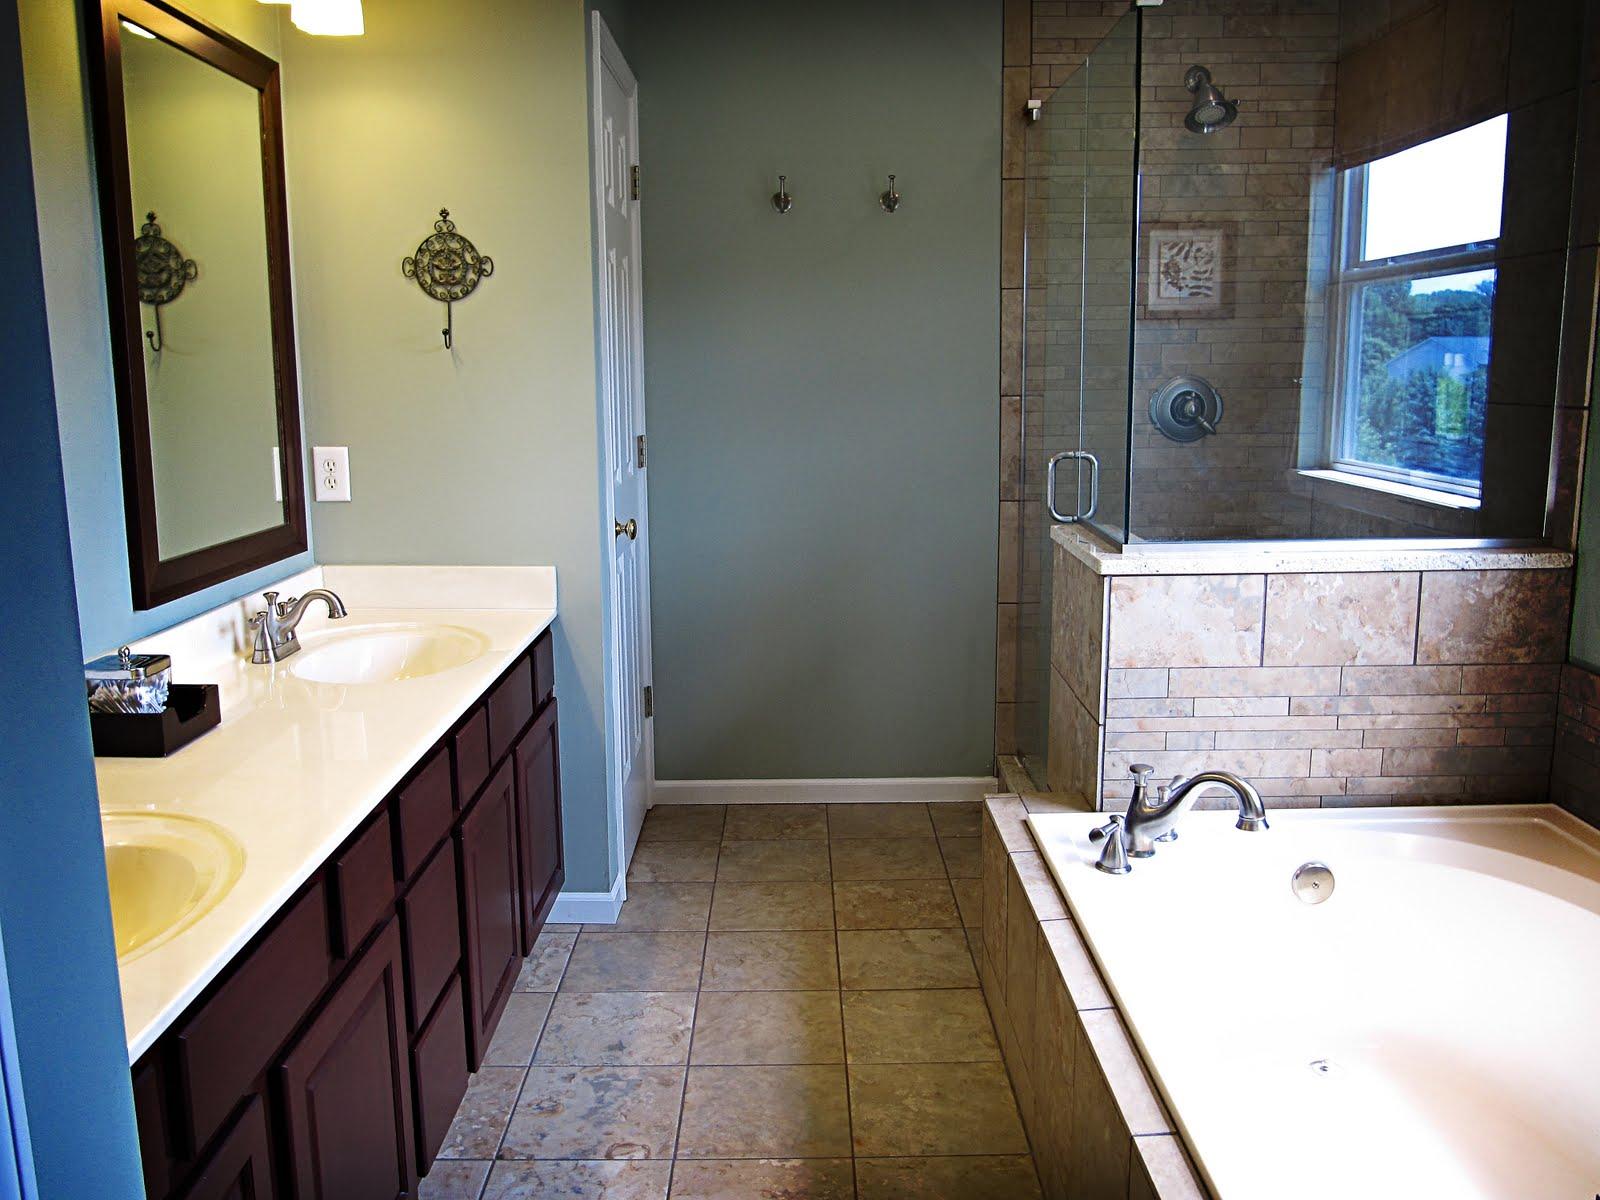 cw bathtub enclosure doors